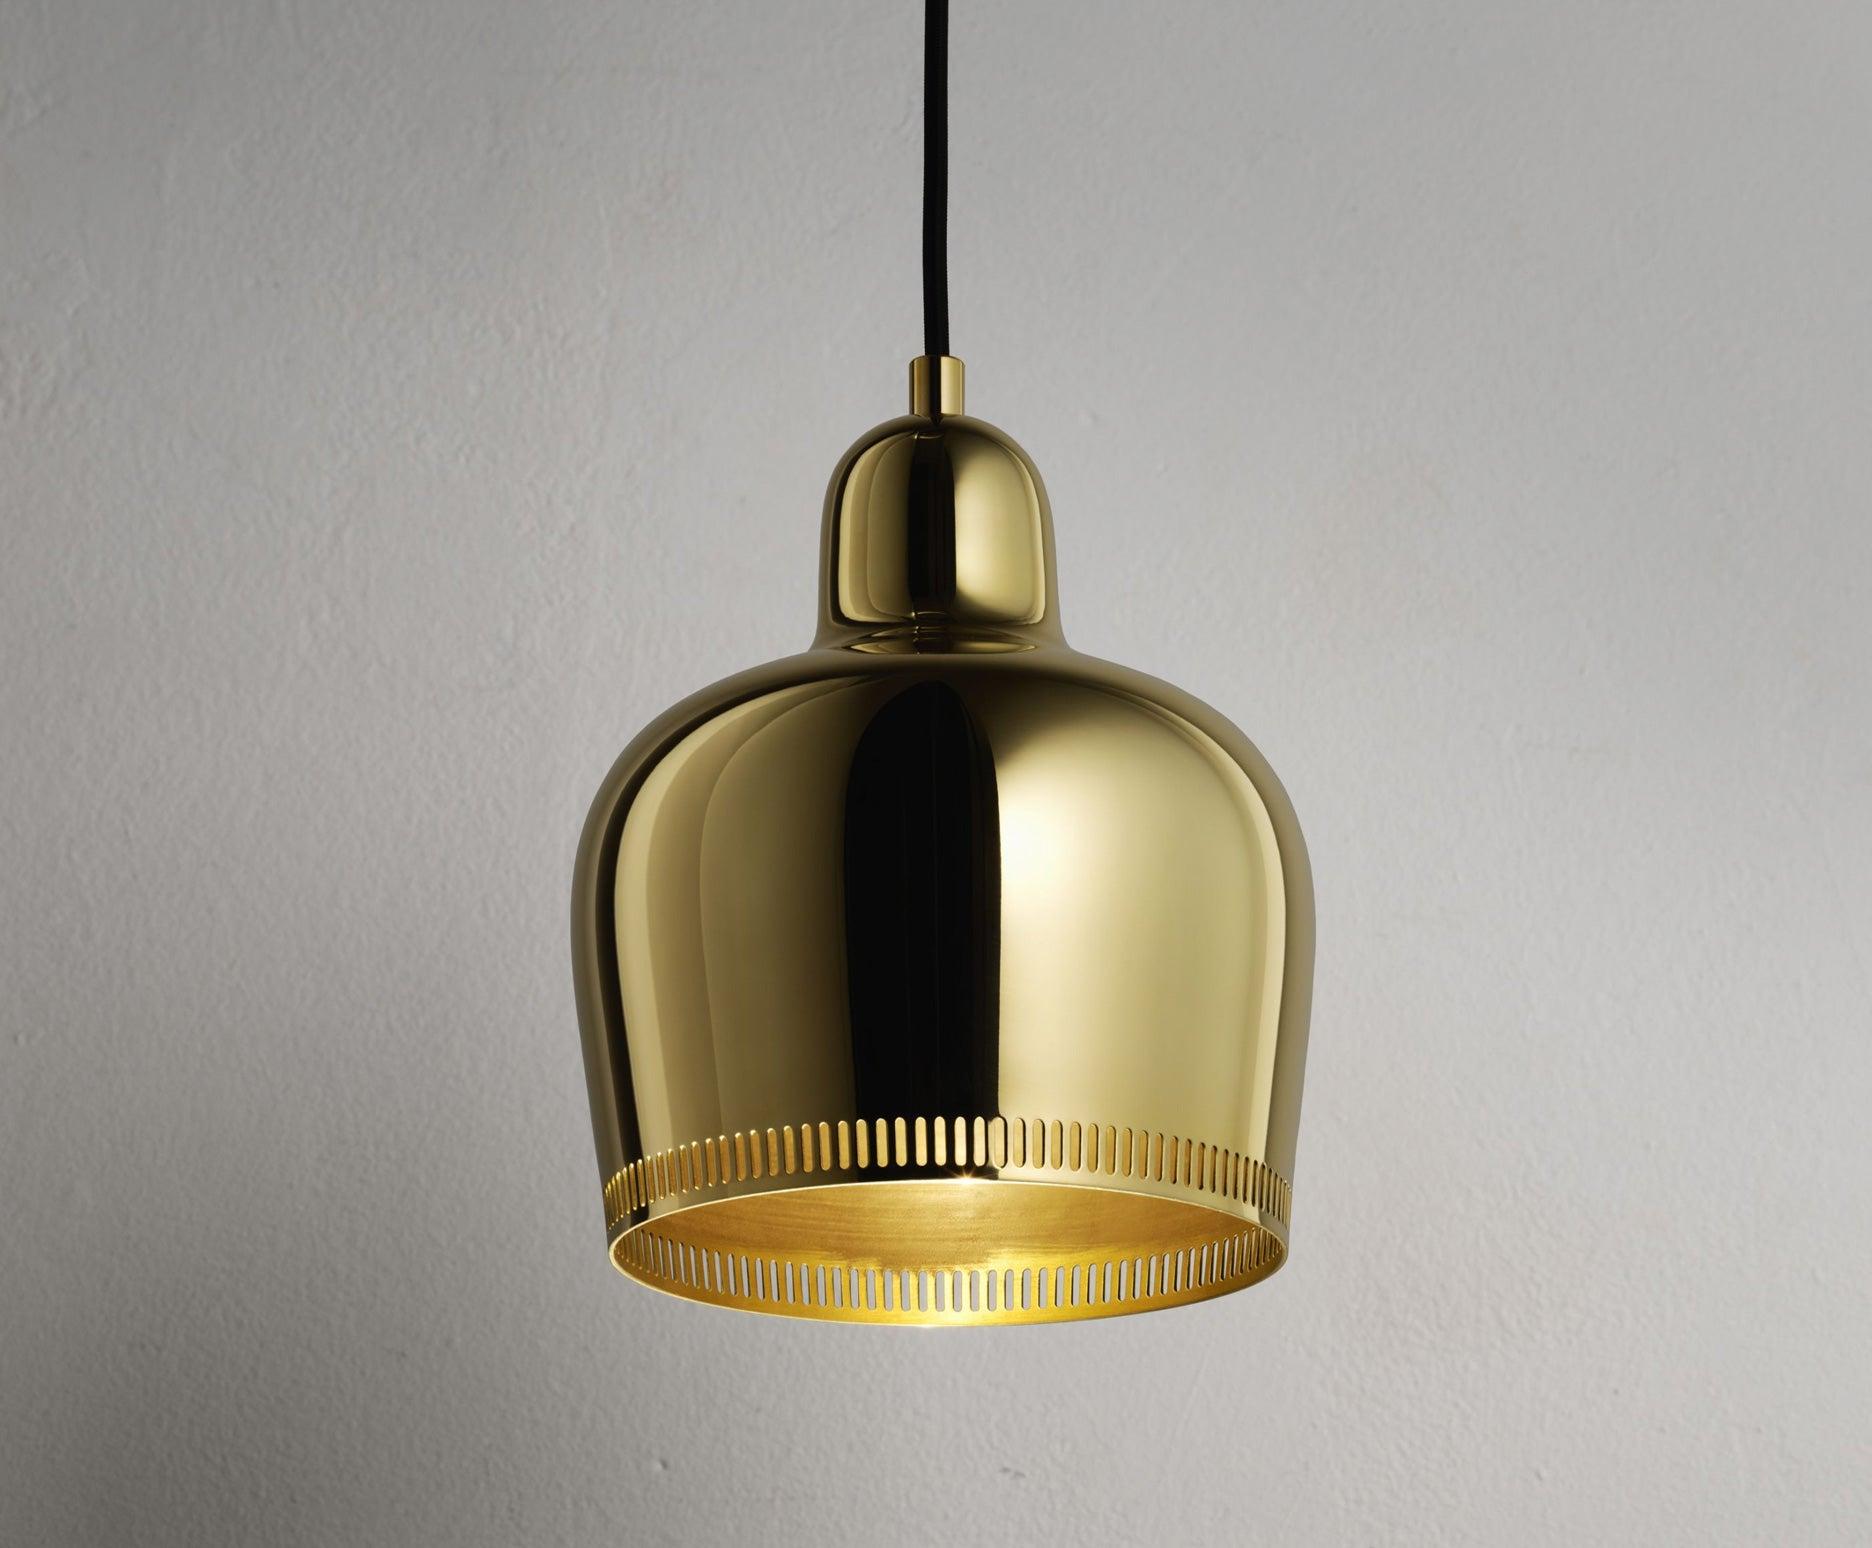 Golden Bell Pendant Light